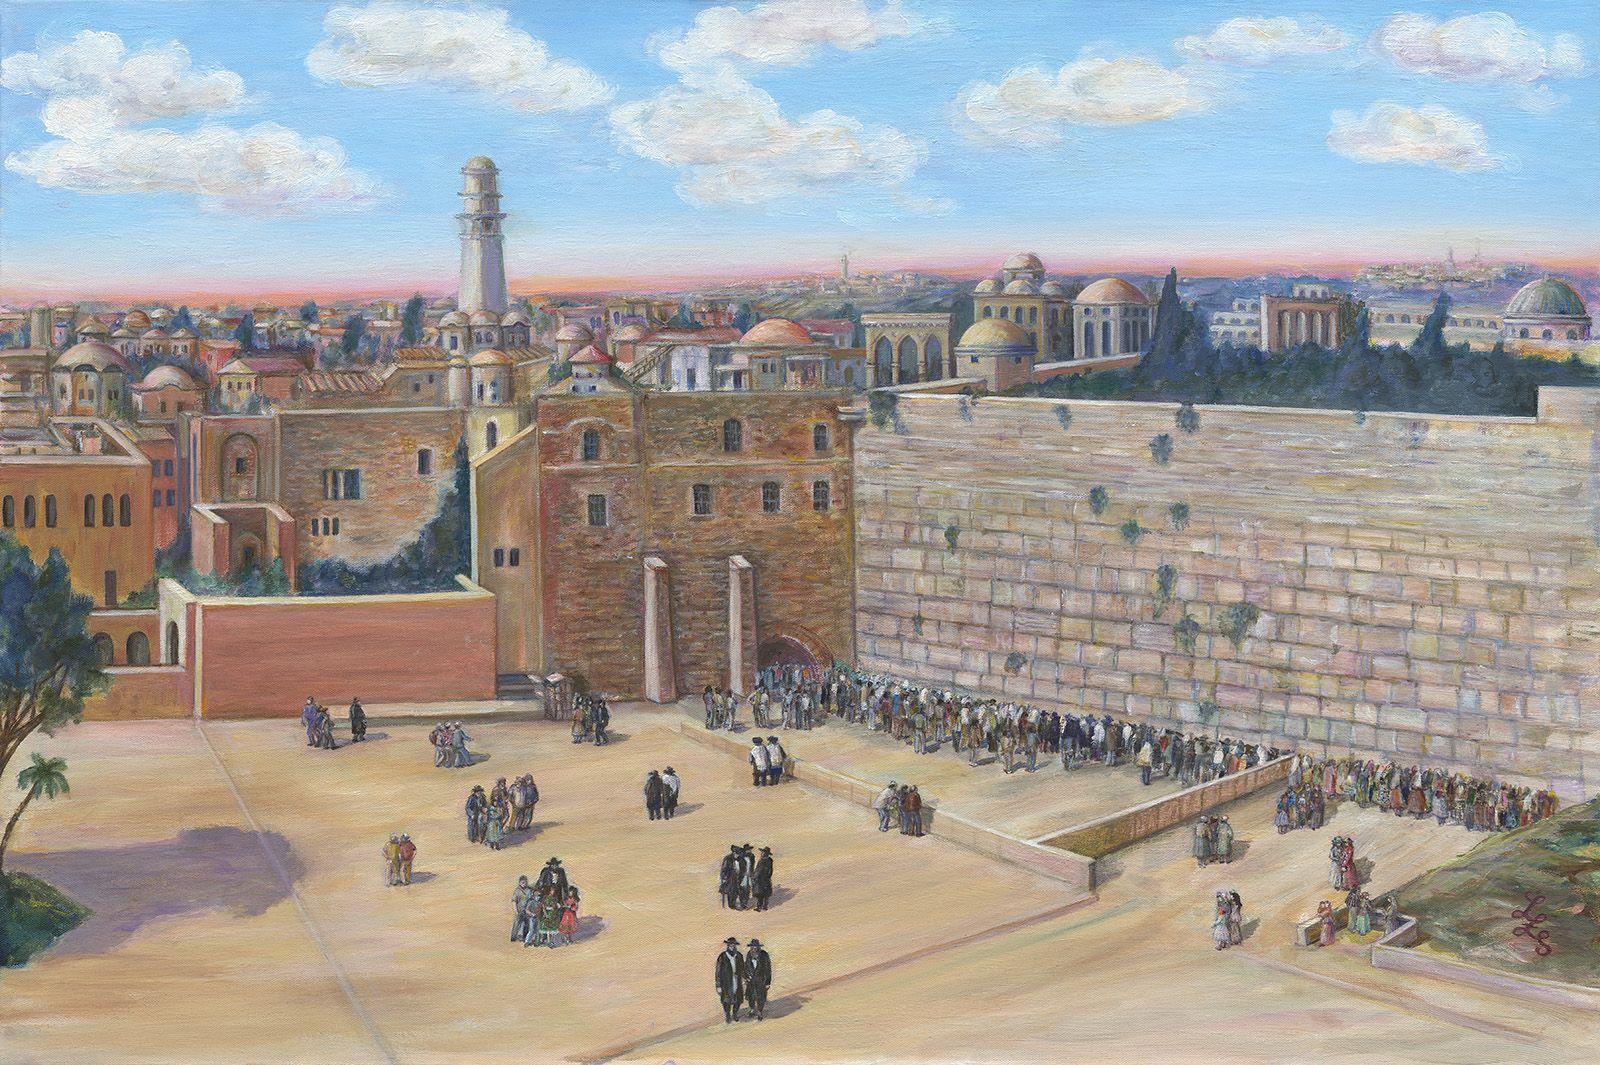 Genial Western Wall Art | Kotel Sunrise | Jerusalem, Israel